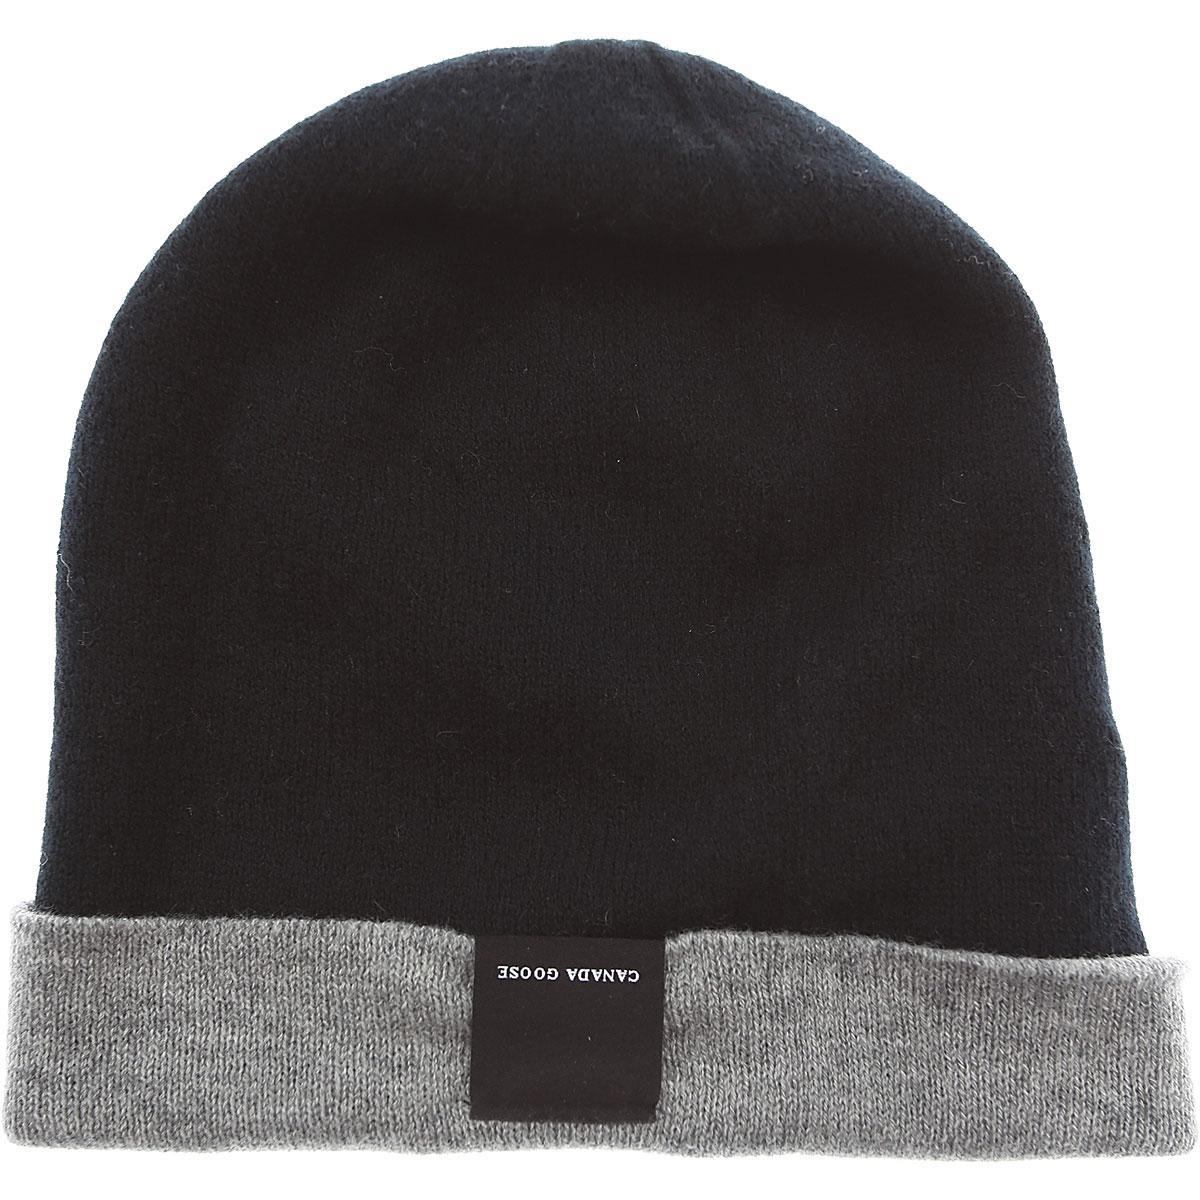 1e0201c6bad Canada Goose - Black Hat For Women for Men - Lyst. View fullscreen